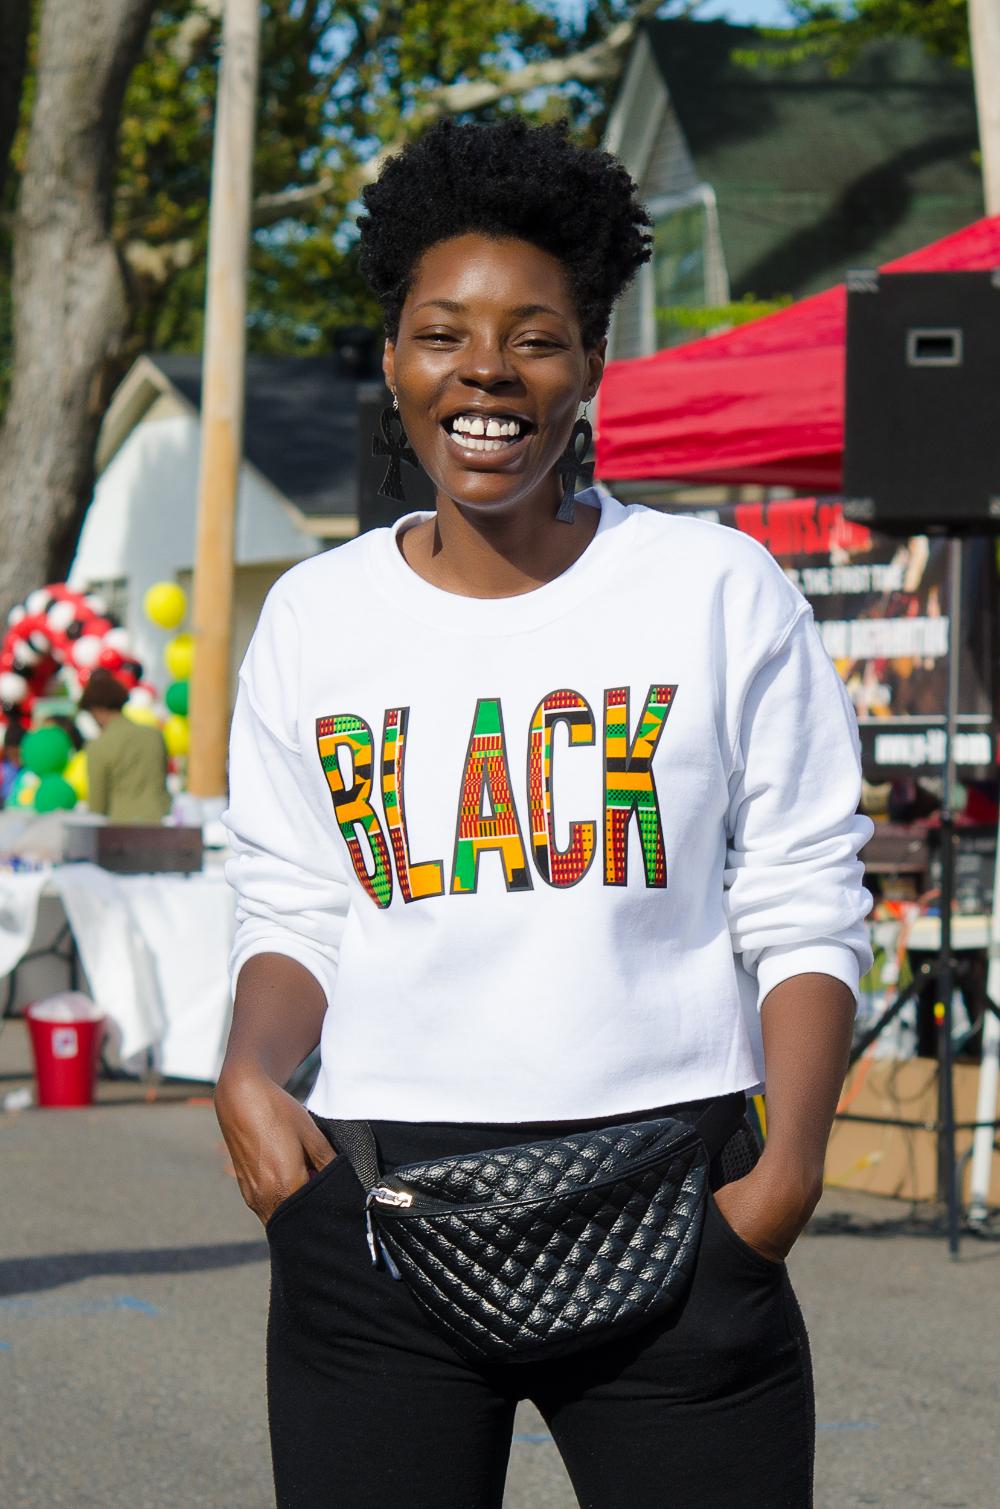 BLACK kente print sweatshirt